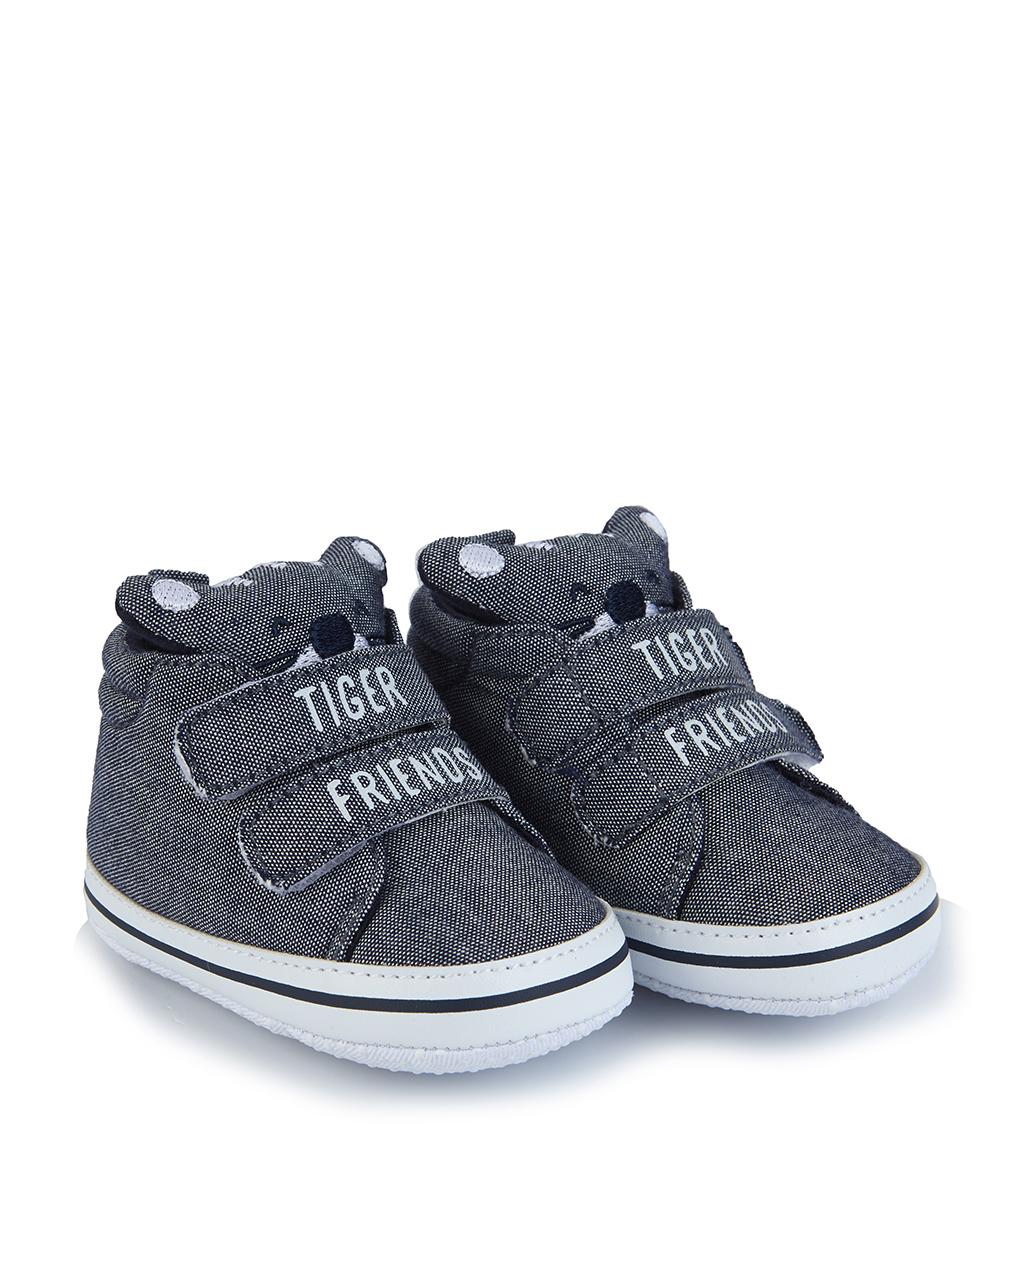 Βρεφικά Παπούτσια Αγκαλιάς chambray για Αγόρι